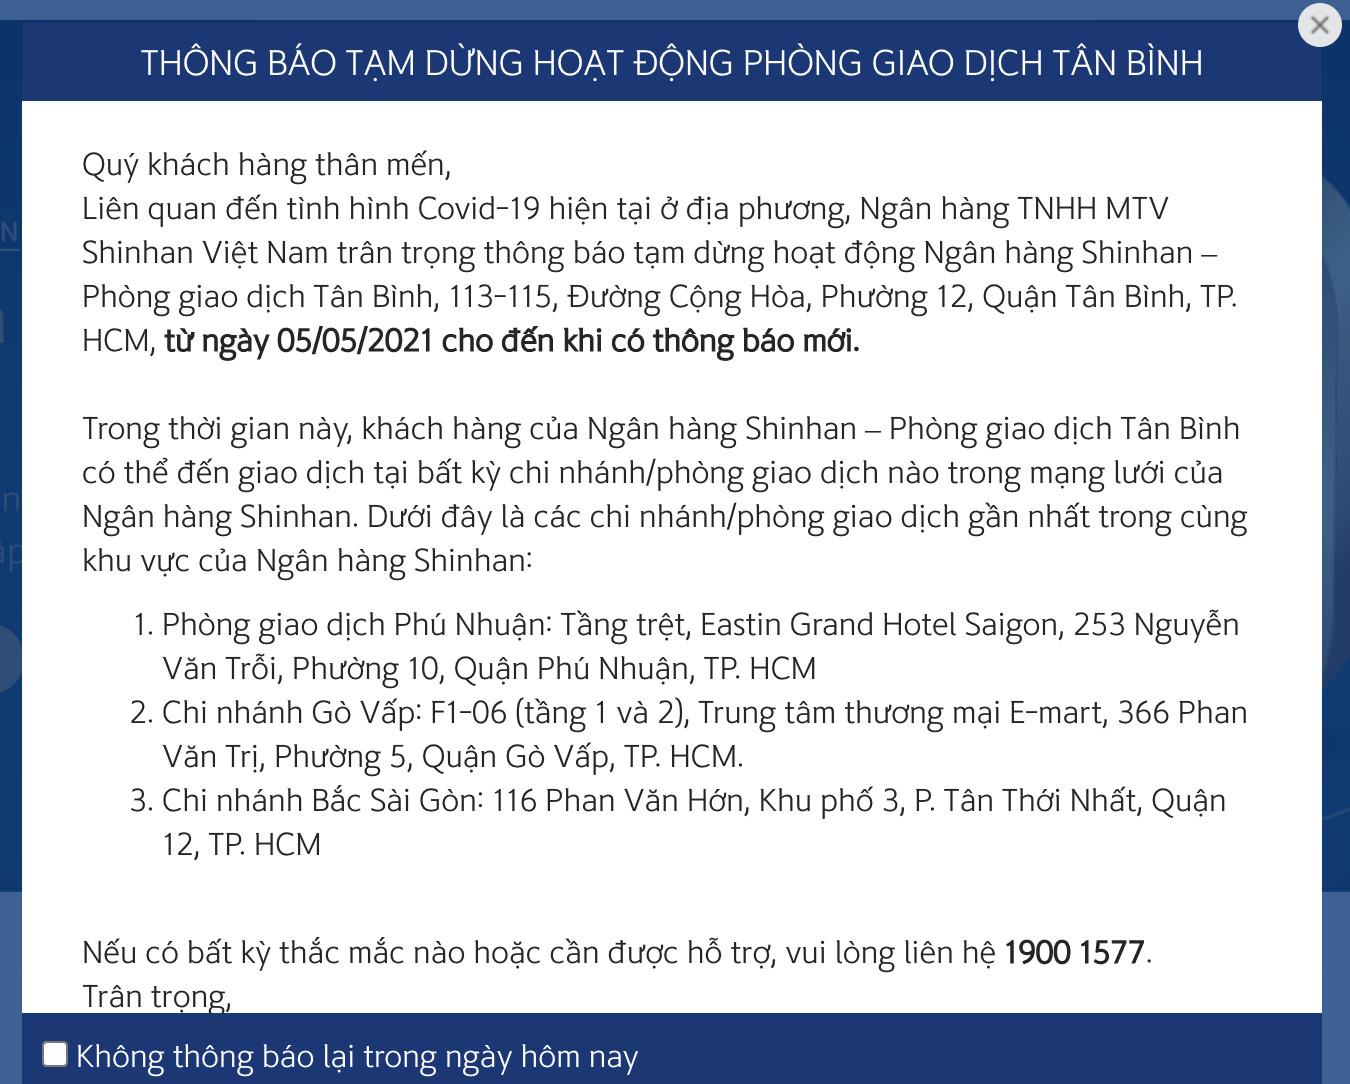 KHẨN: Những người từng đến ngân hàng Shinhan Tân Bình cần liên hệ ngay cơ quan y tế gần nhất - Ảnh 2.